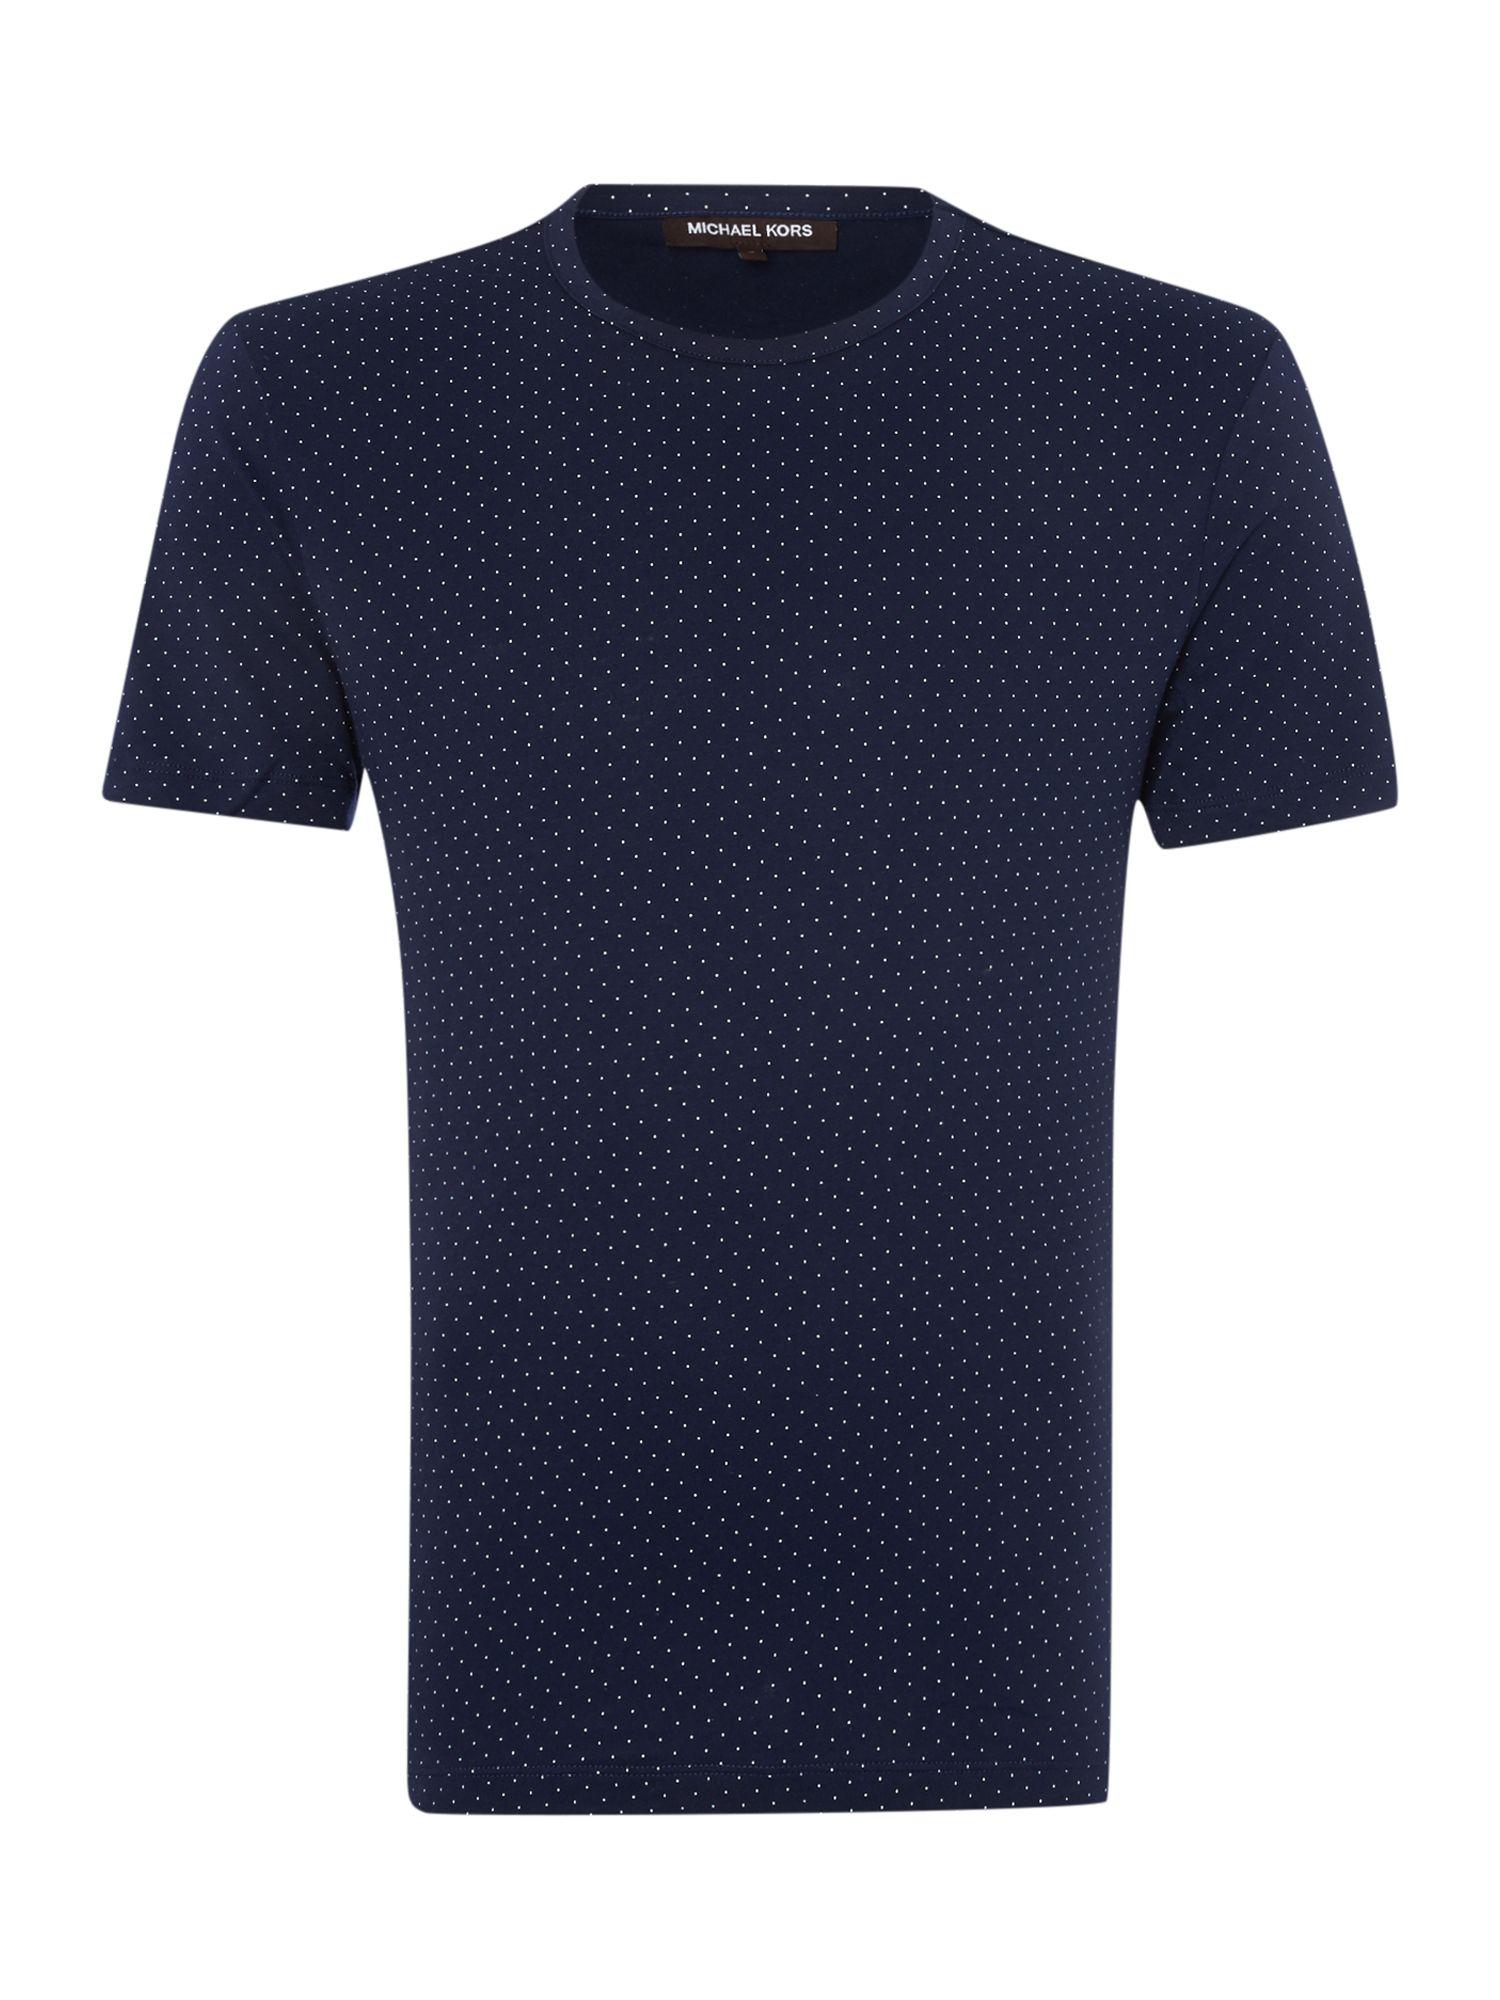 michael kors blue polka dot t shirt for men lyst. Black Bedroom Furniture Sets. Home Design Ideas